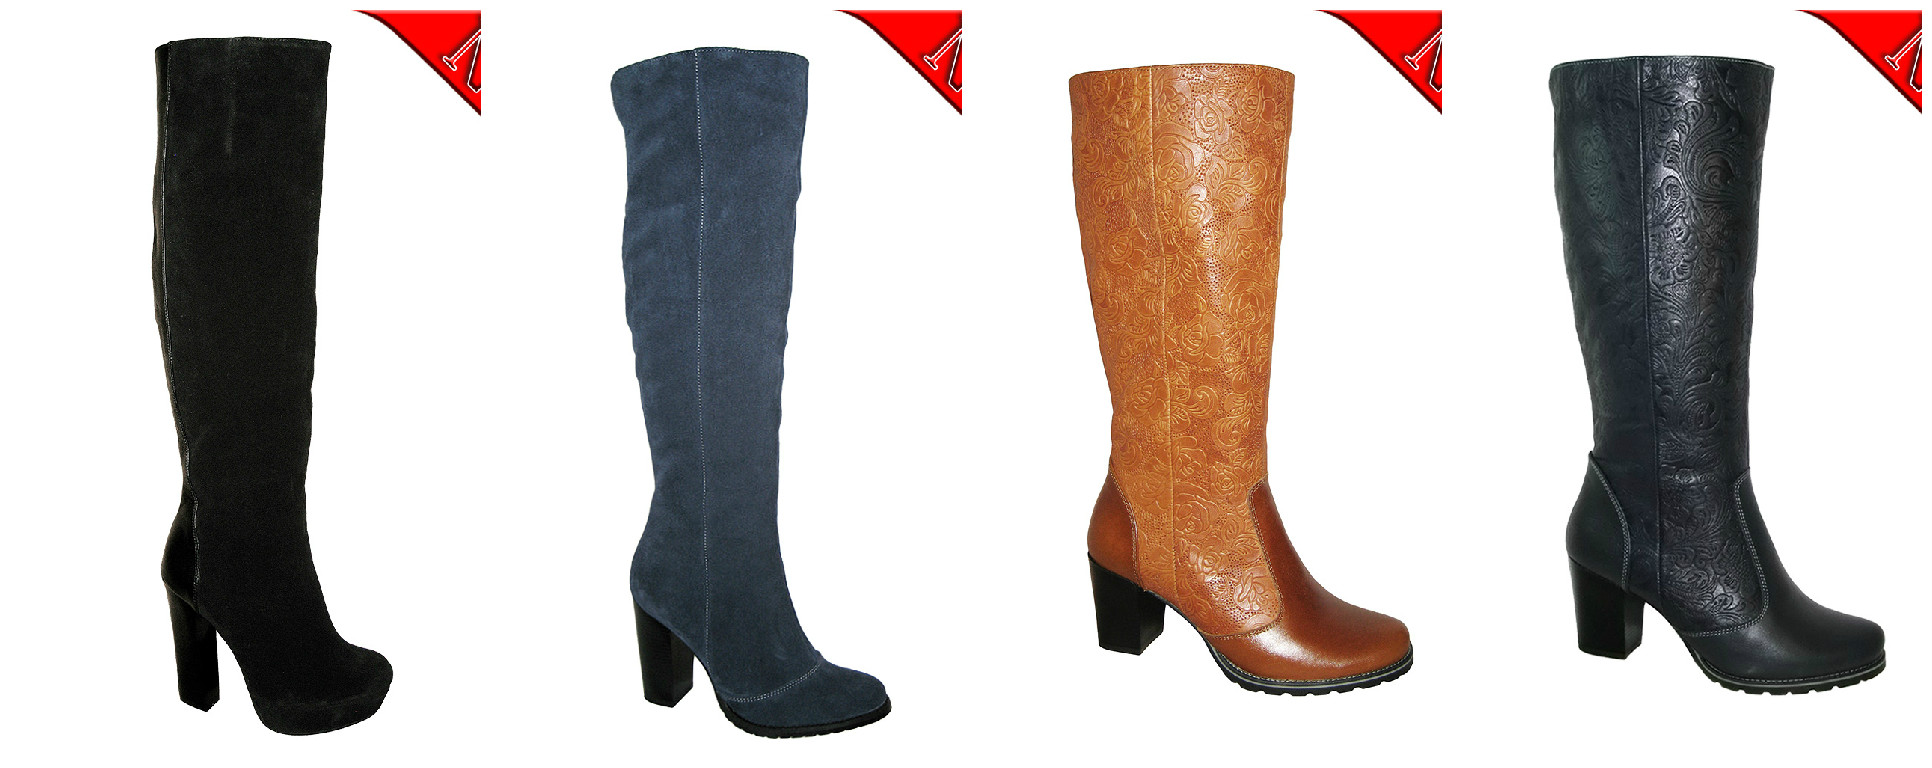 Сбор заказов. Если Вы не смогли найти обувь на свою ножку - Вам сюда ! Женская обувь не стандартных размеров 33-45. Возможен заказ по Вашим замерам! Только натуральная кожа. Без рядов. Выкуп 1.